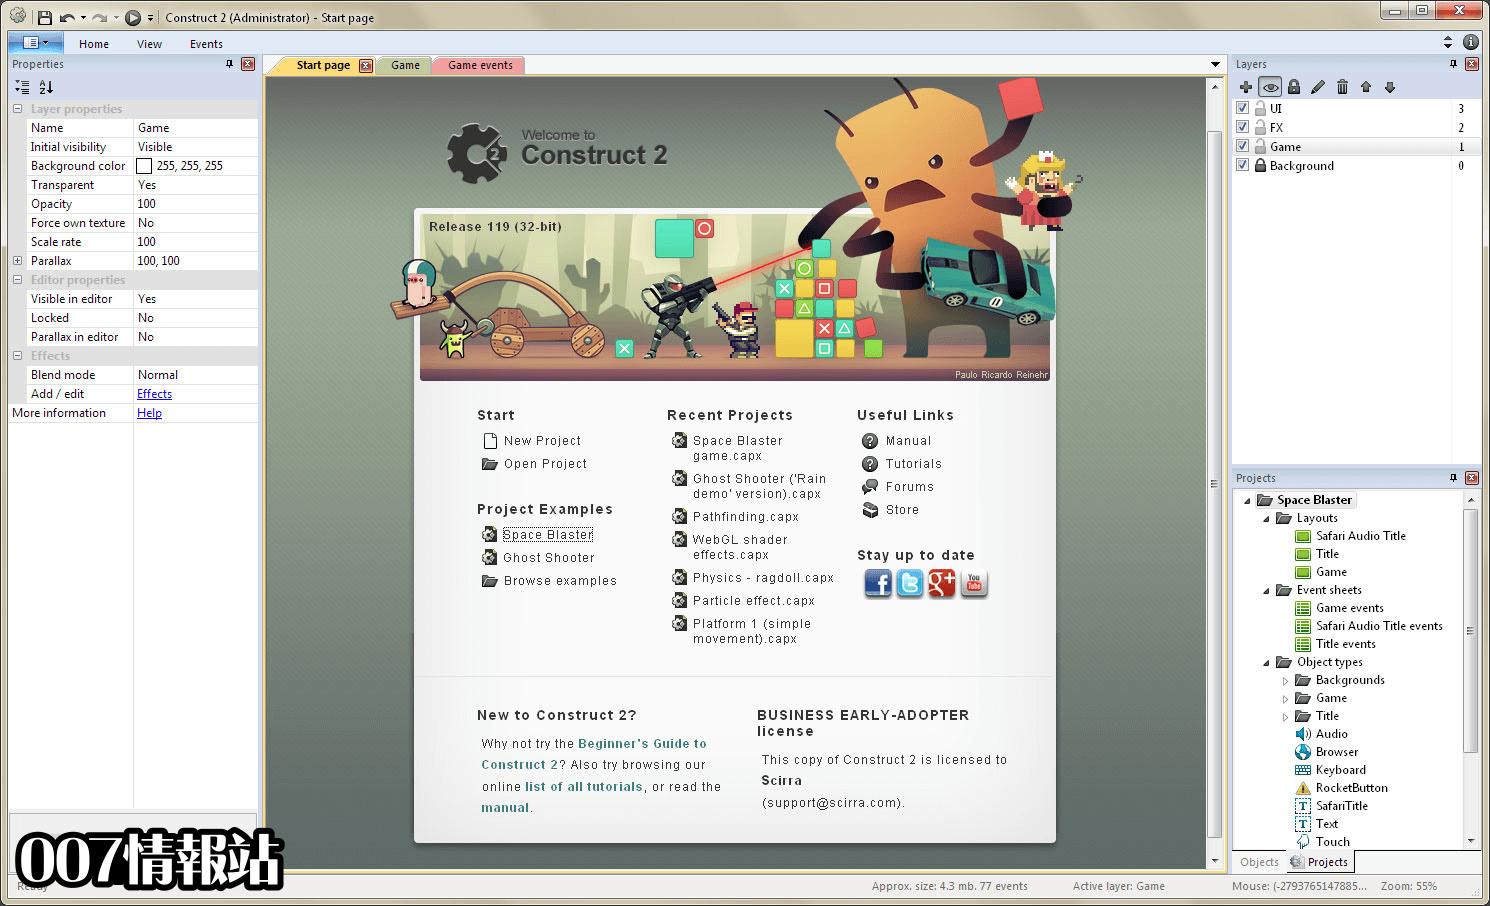 Construct 2 Screenshot 1